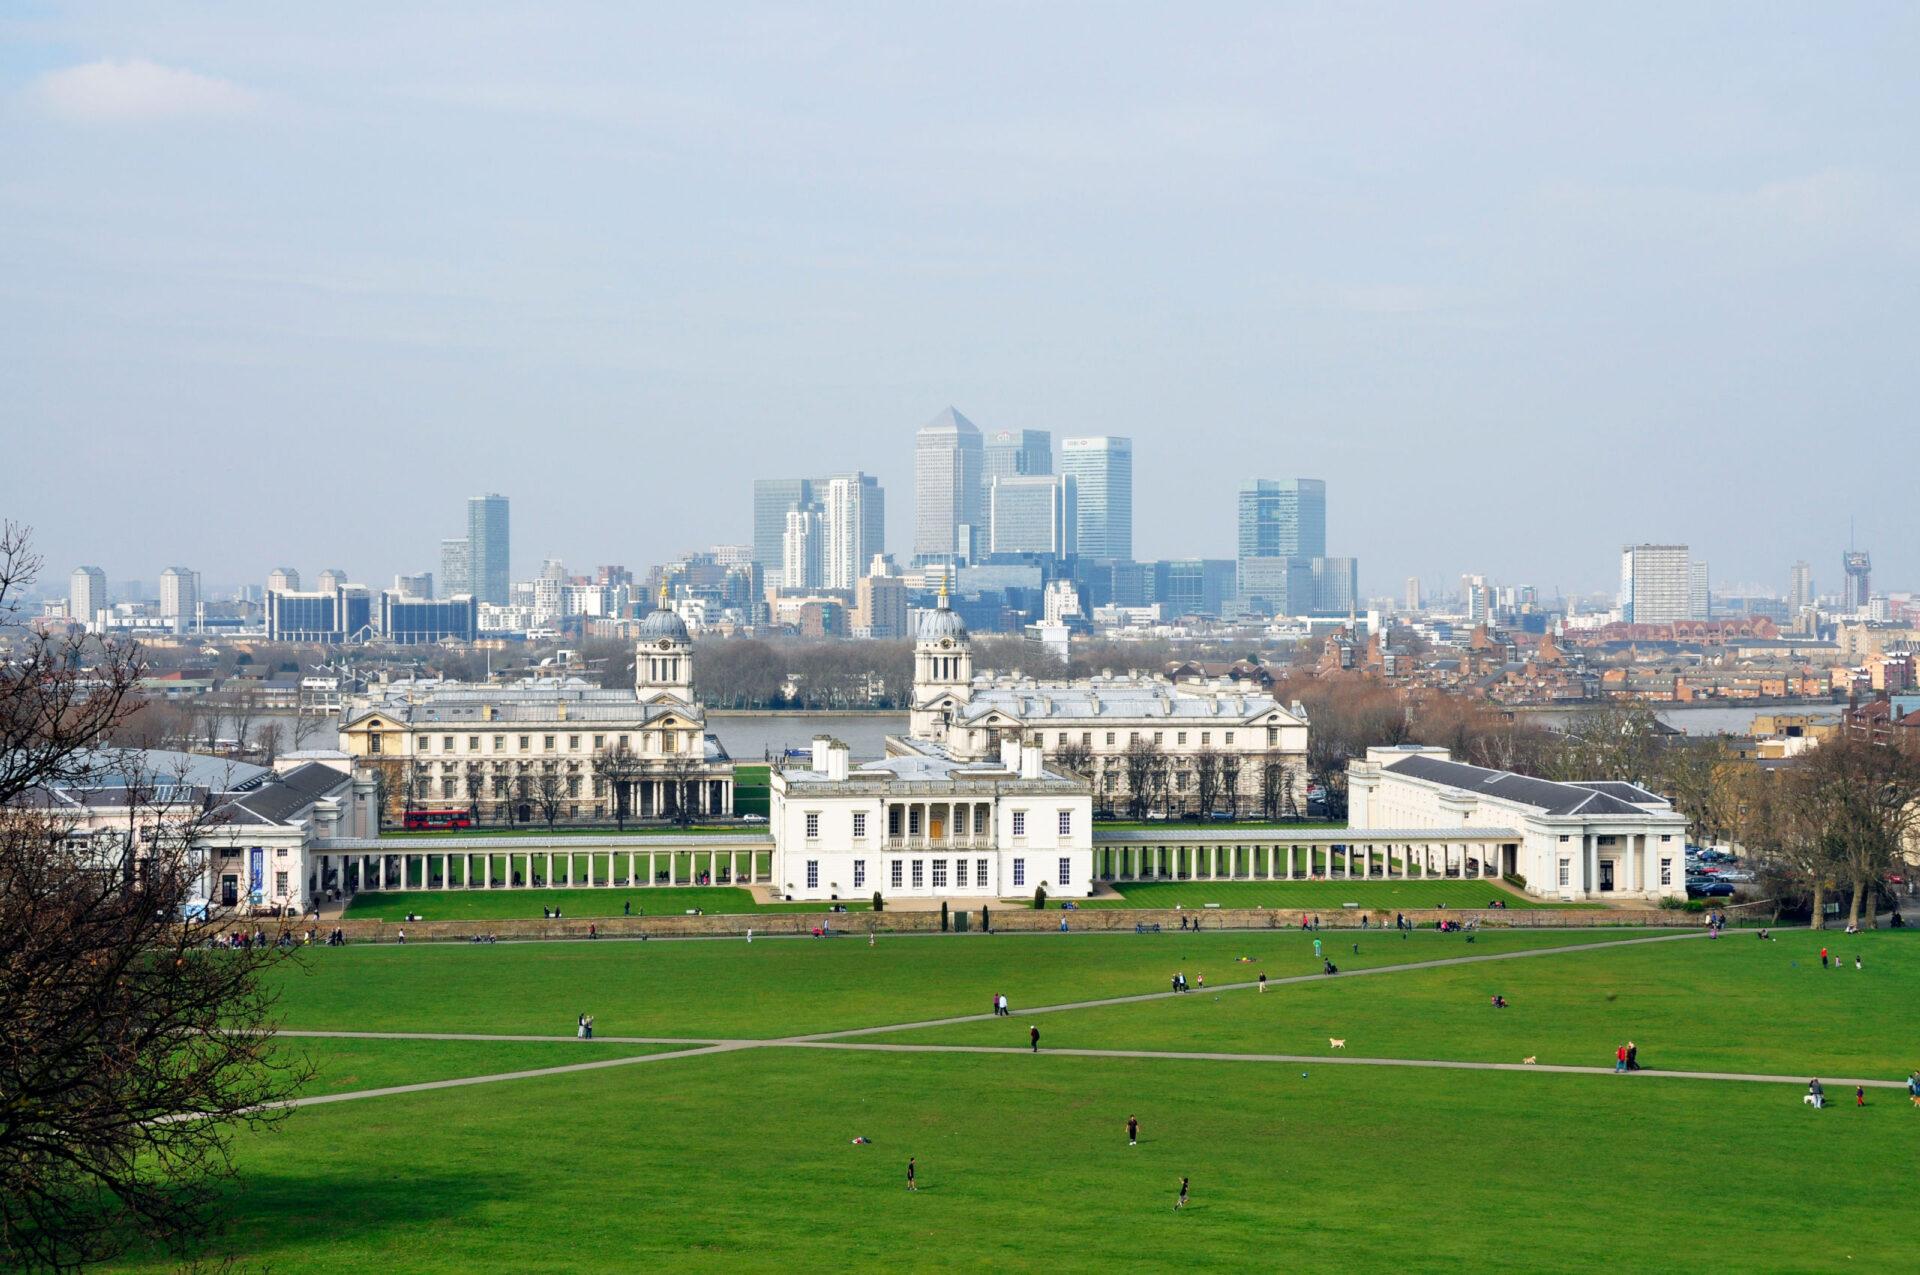 Лондон, Виндзор, Гринвич. Весна 2011-го.